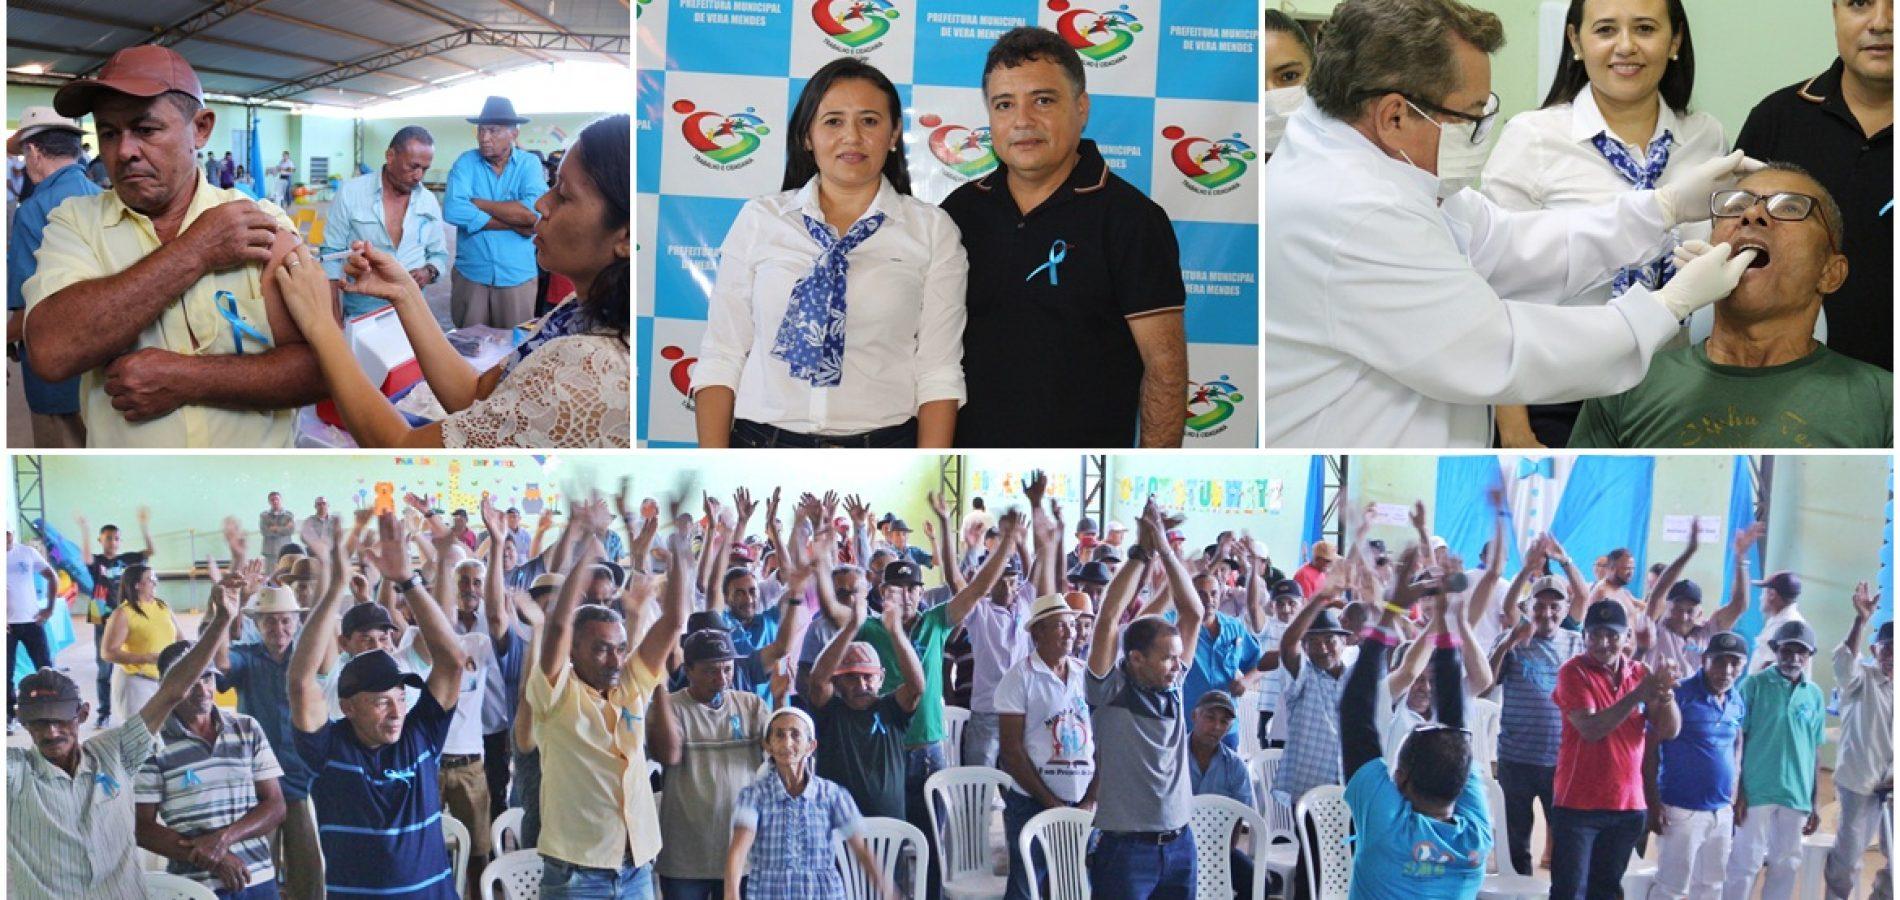 Prefeitura de Vera Mendes homenageia pais e promove dia de cuidados com a saúde do homem